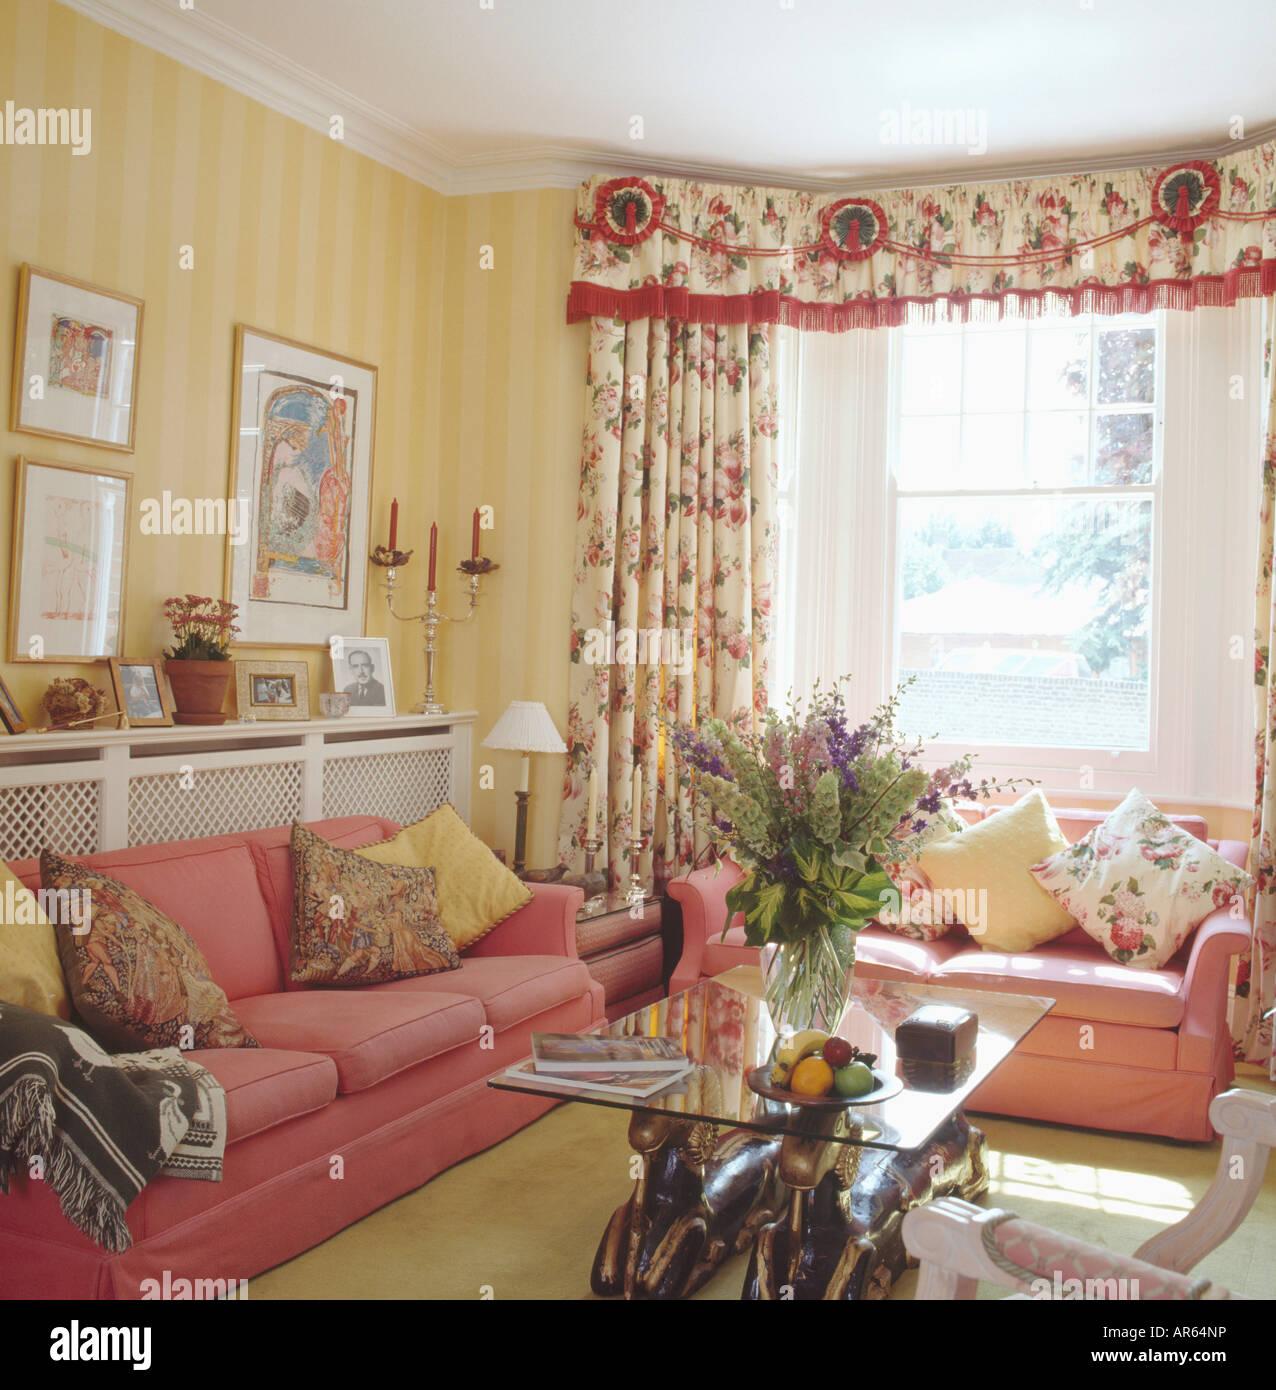 Tapete Esszimmer | Rosa Sofas Und Gelb Gestreifte Tapete In Wohn Und Esszimmer Mit